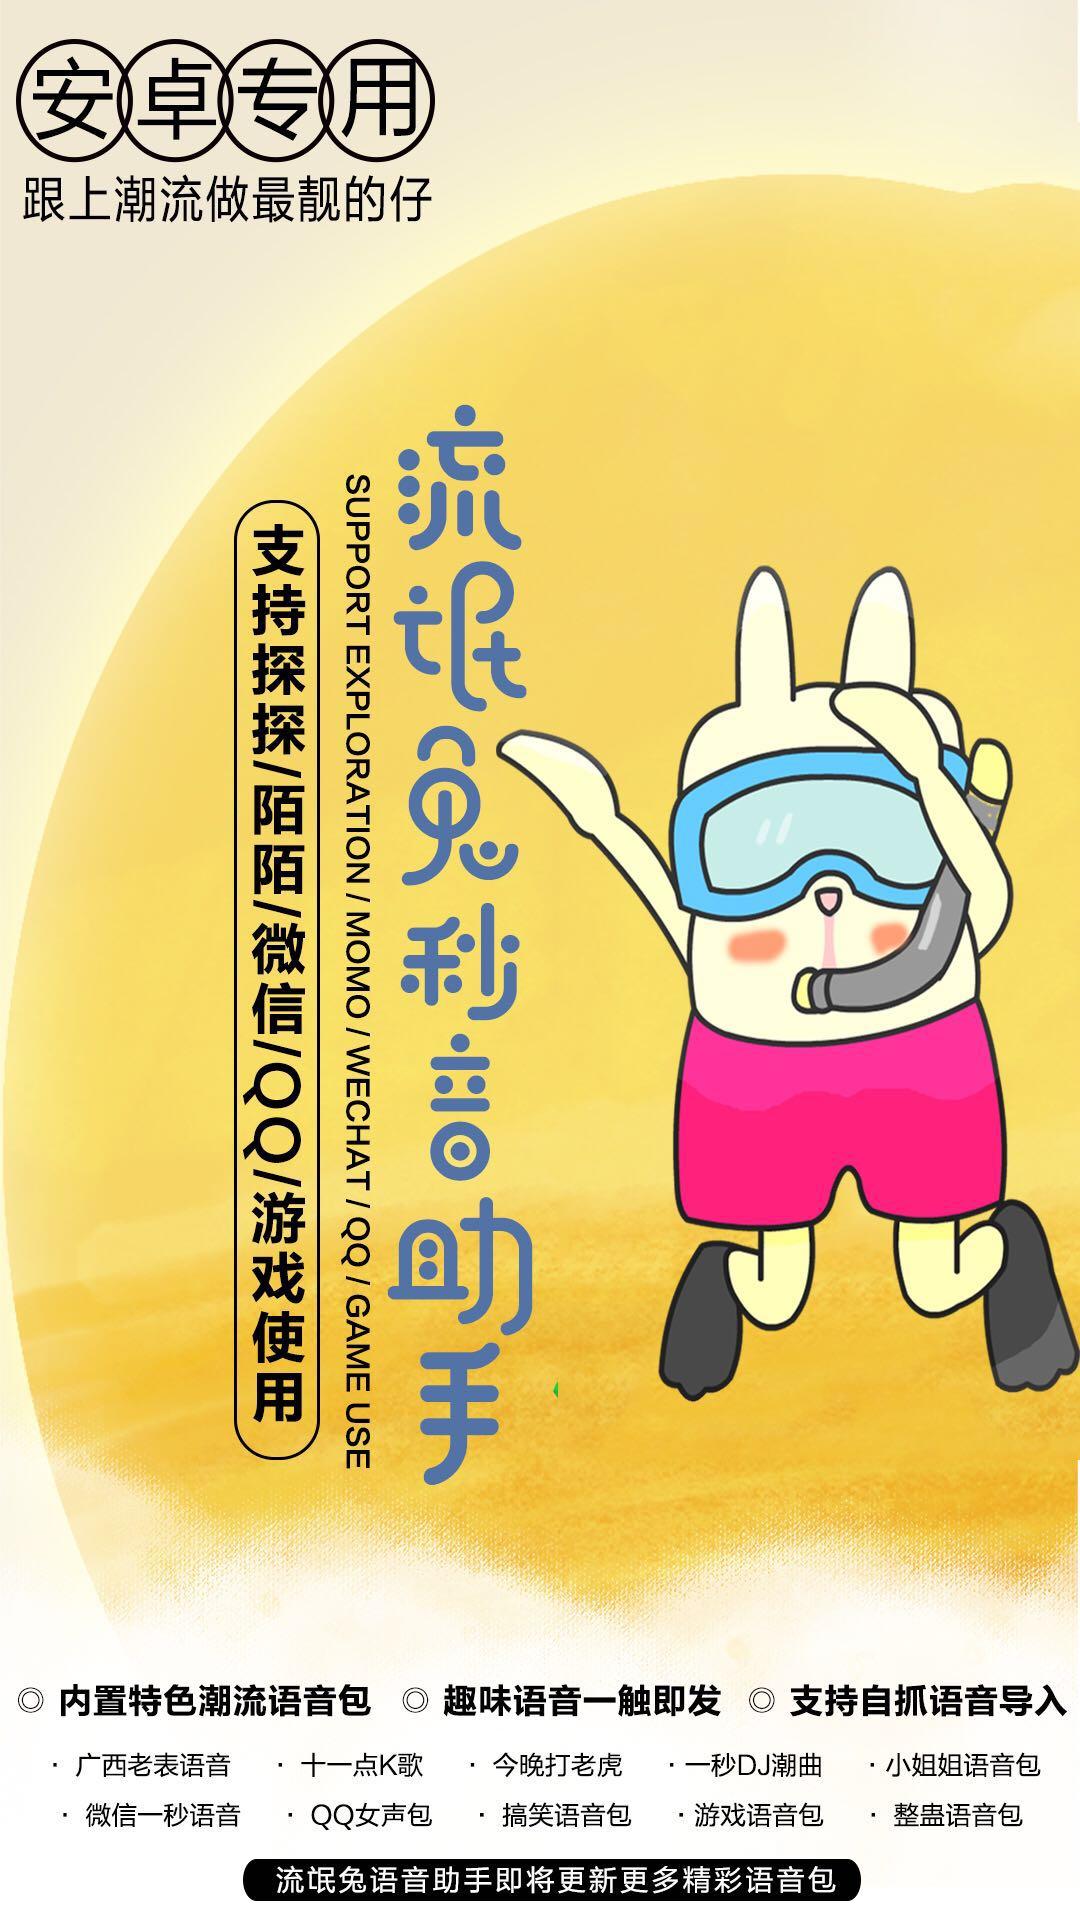 【流浪兔秒音助手官网】安卓微信一秒语音正版激活码授权